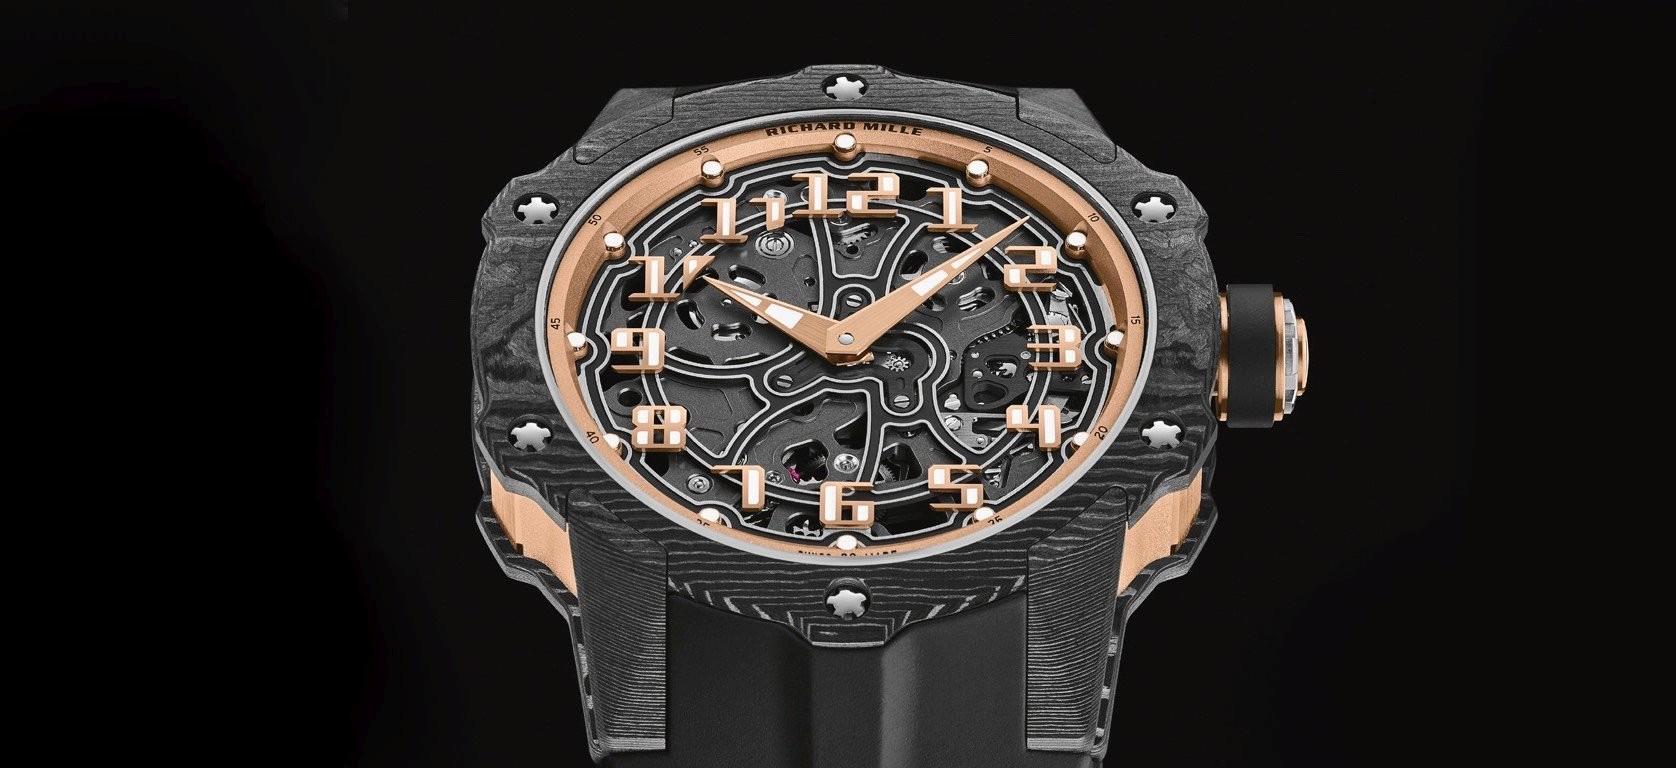 時尚與運動風格的完美交融:RICHARD MILLE RM 33-02自動上鍊腕錶